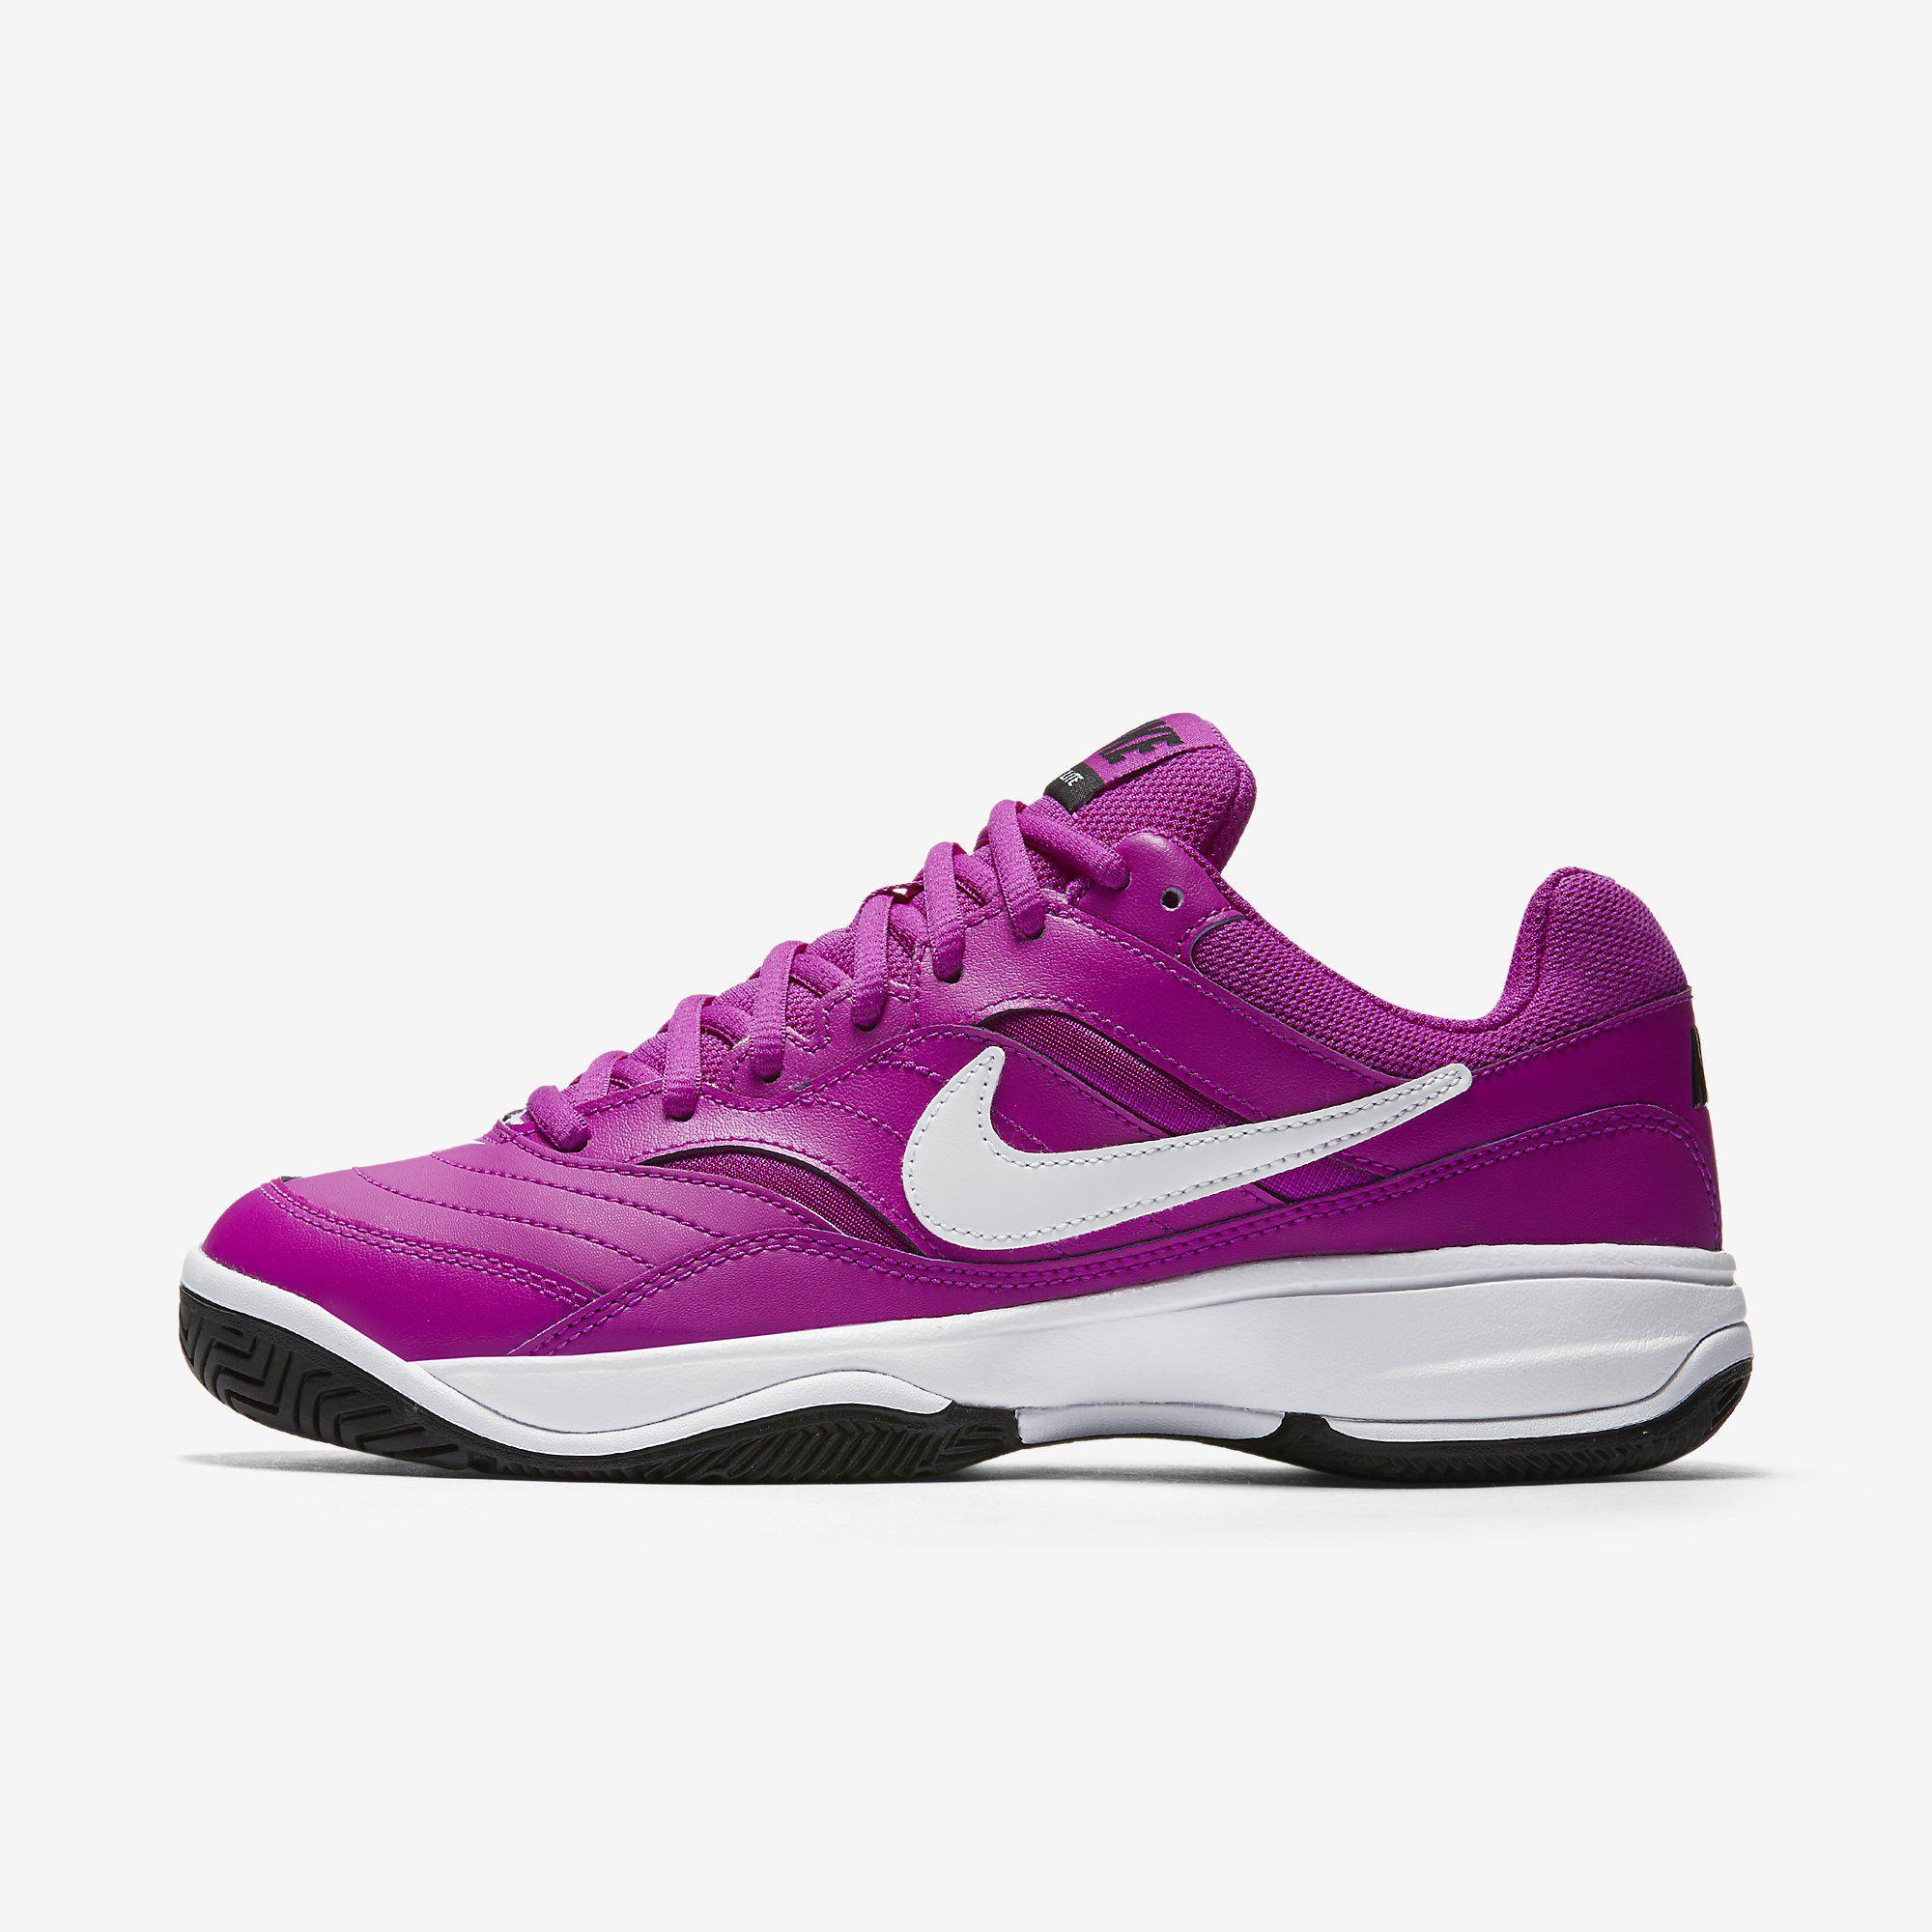 nike womens court lite tennis shoes violet black. Black Bedroom Furniture Sets. Home Design Ideas